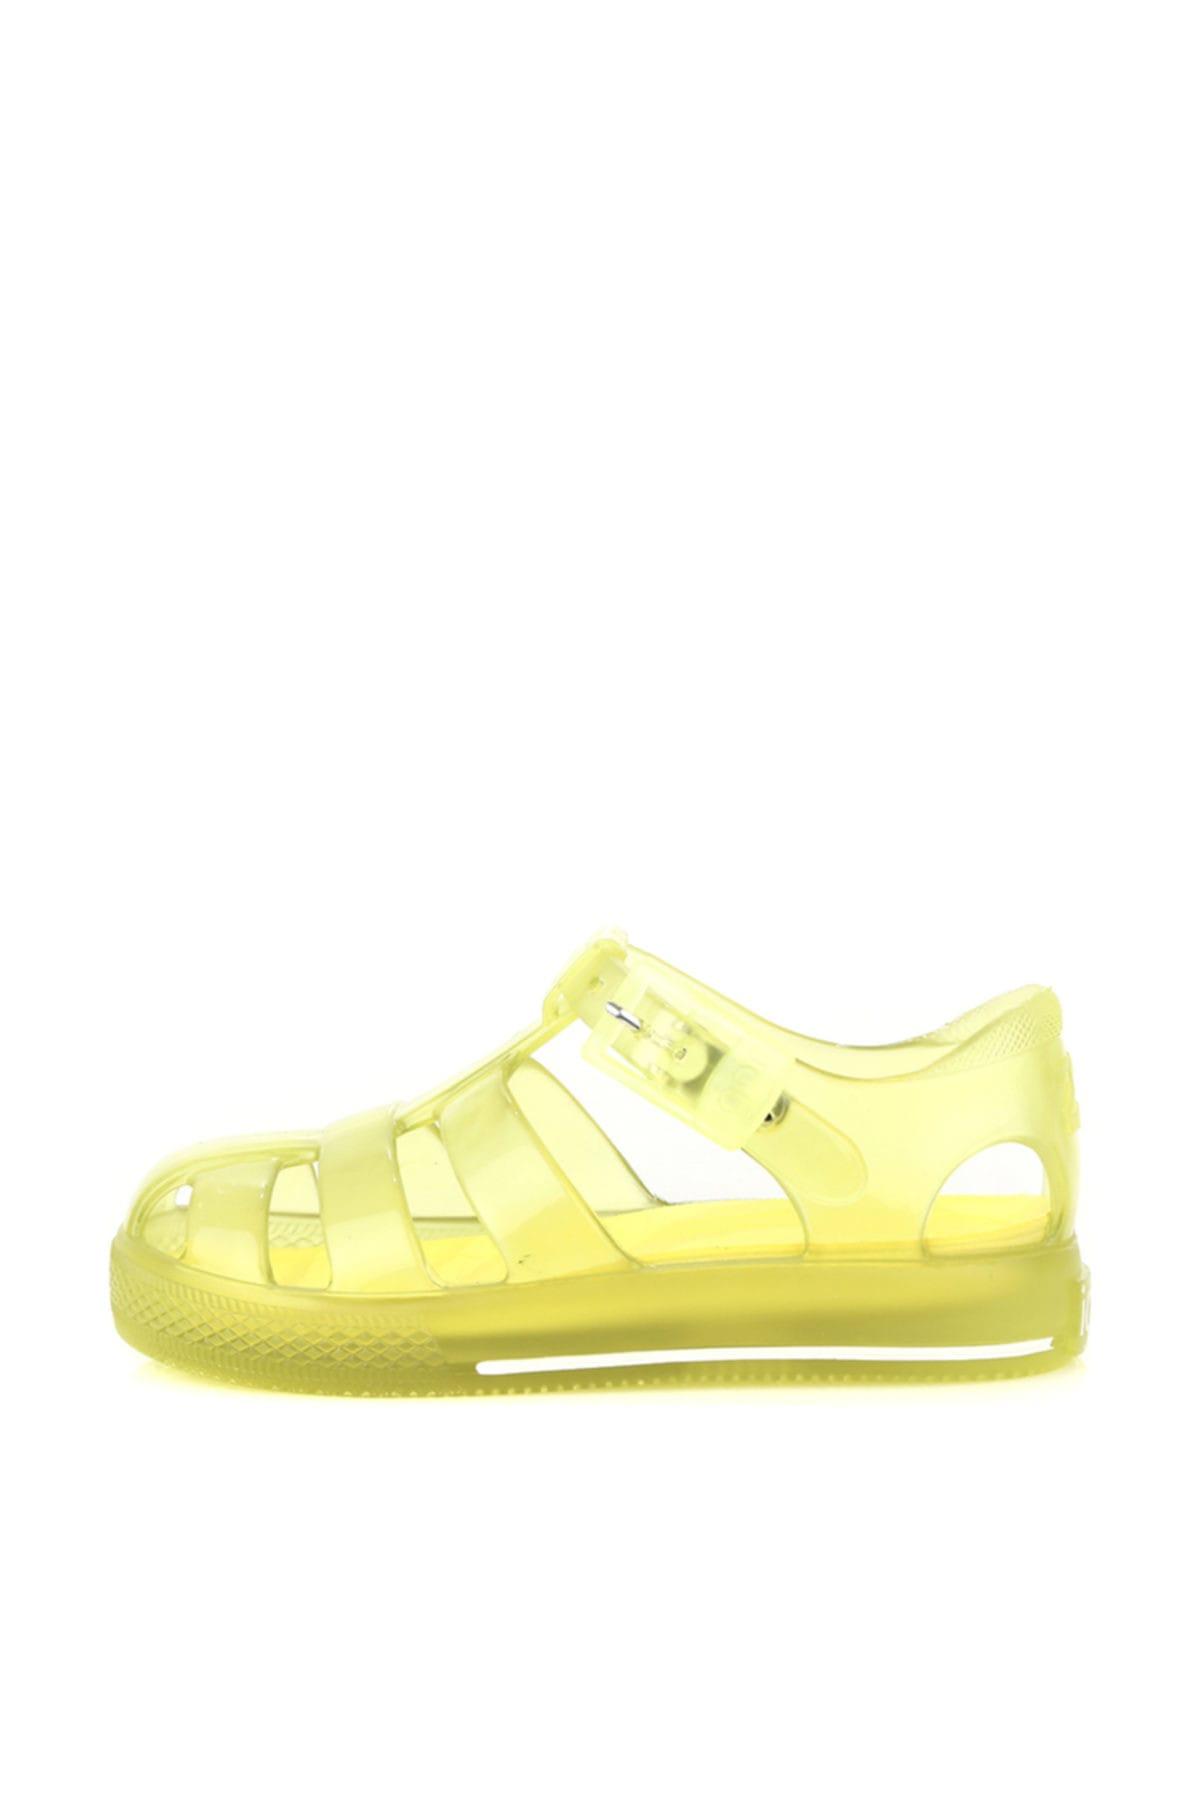 IGOR Tenis MC Sandalet 1